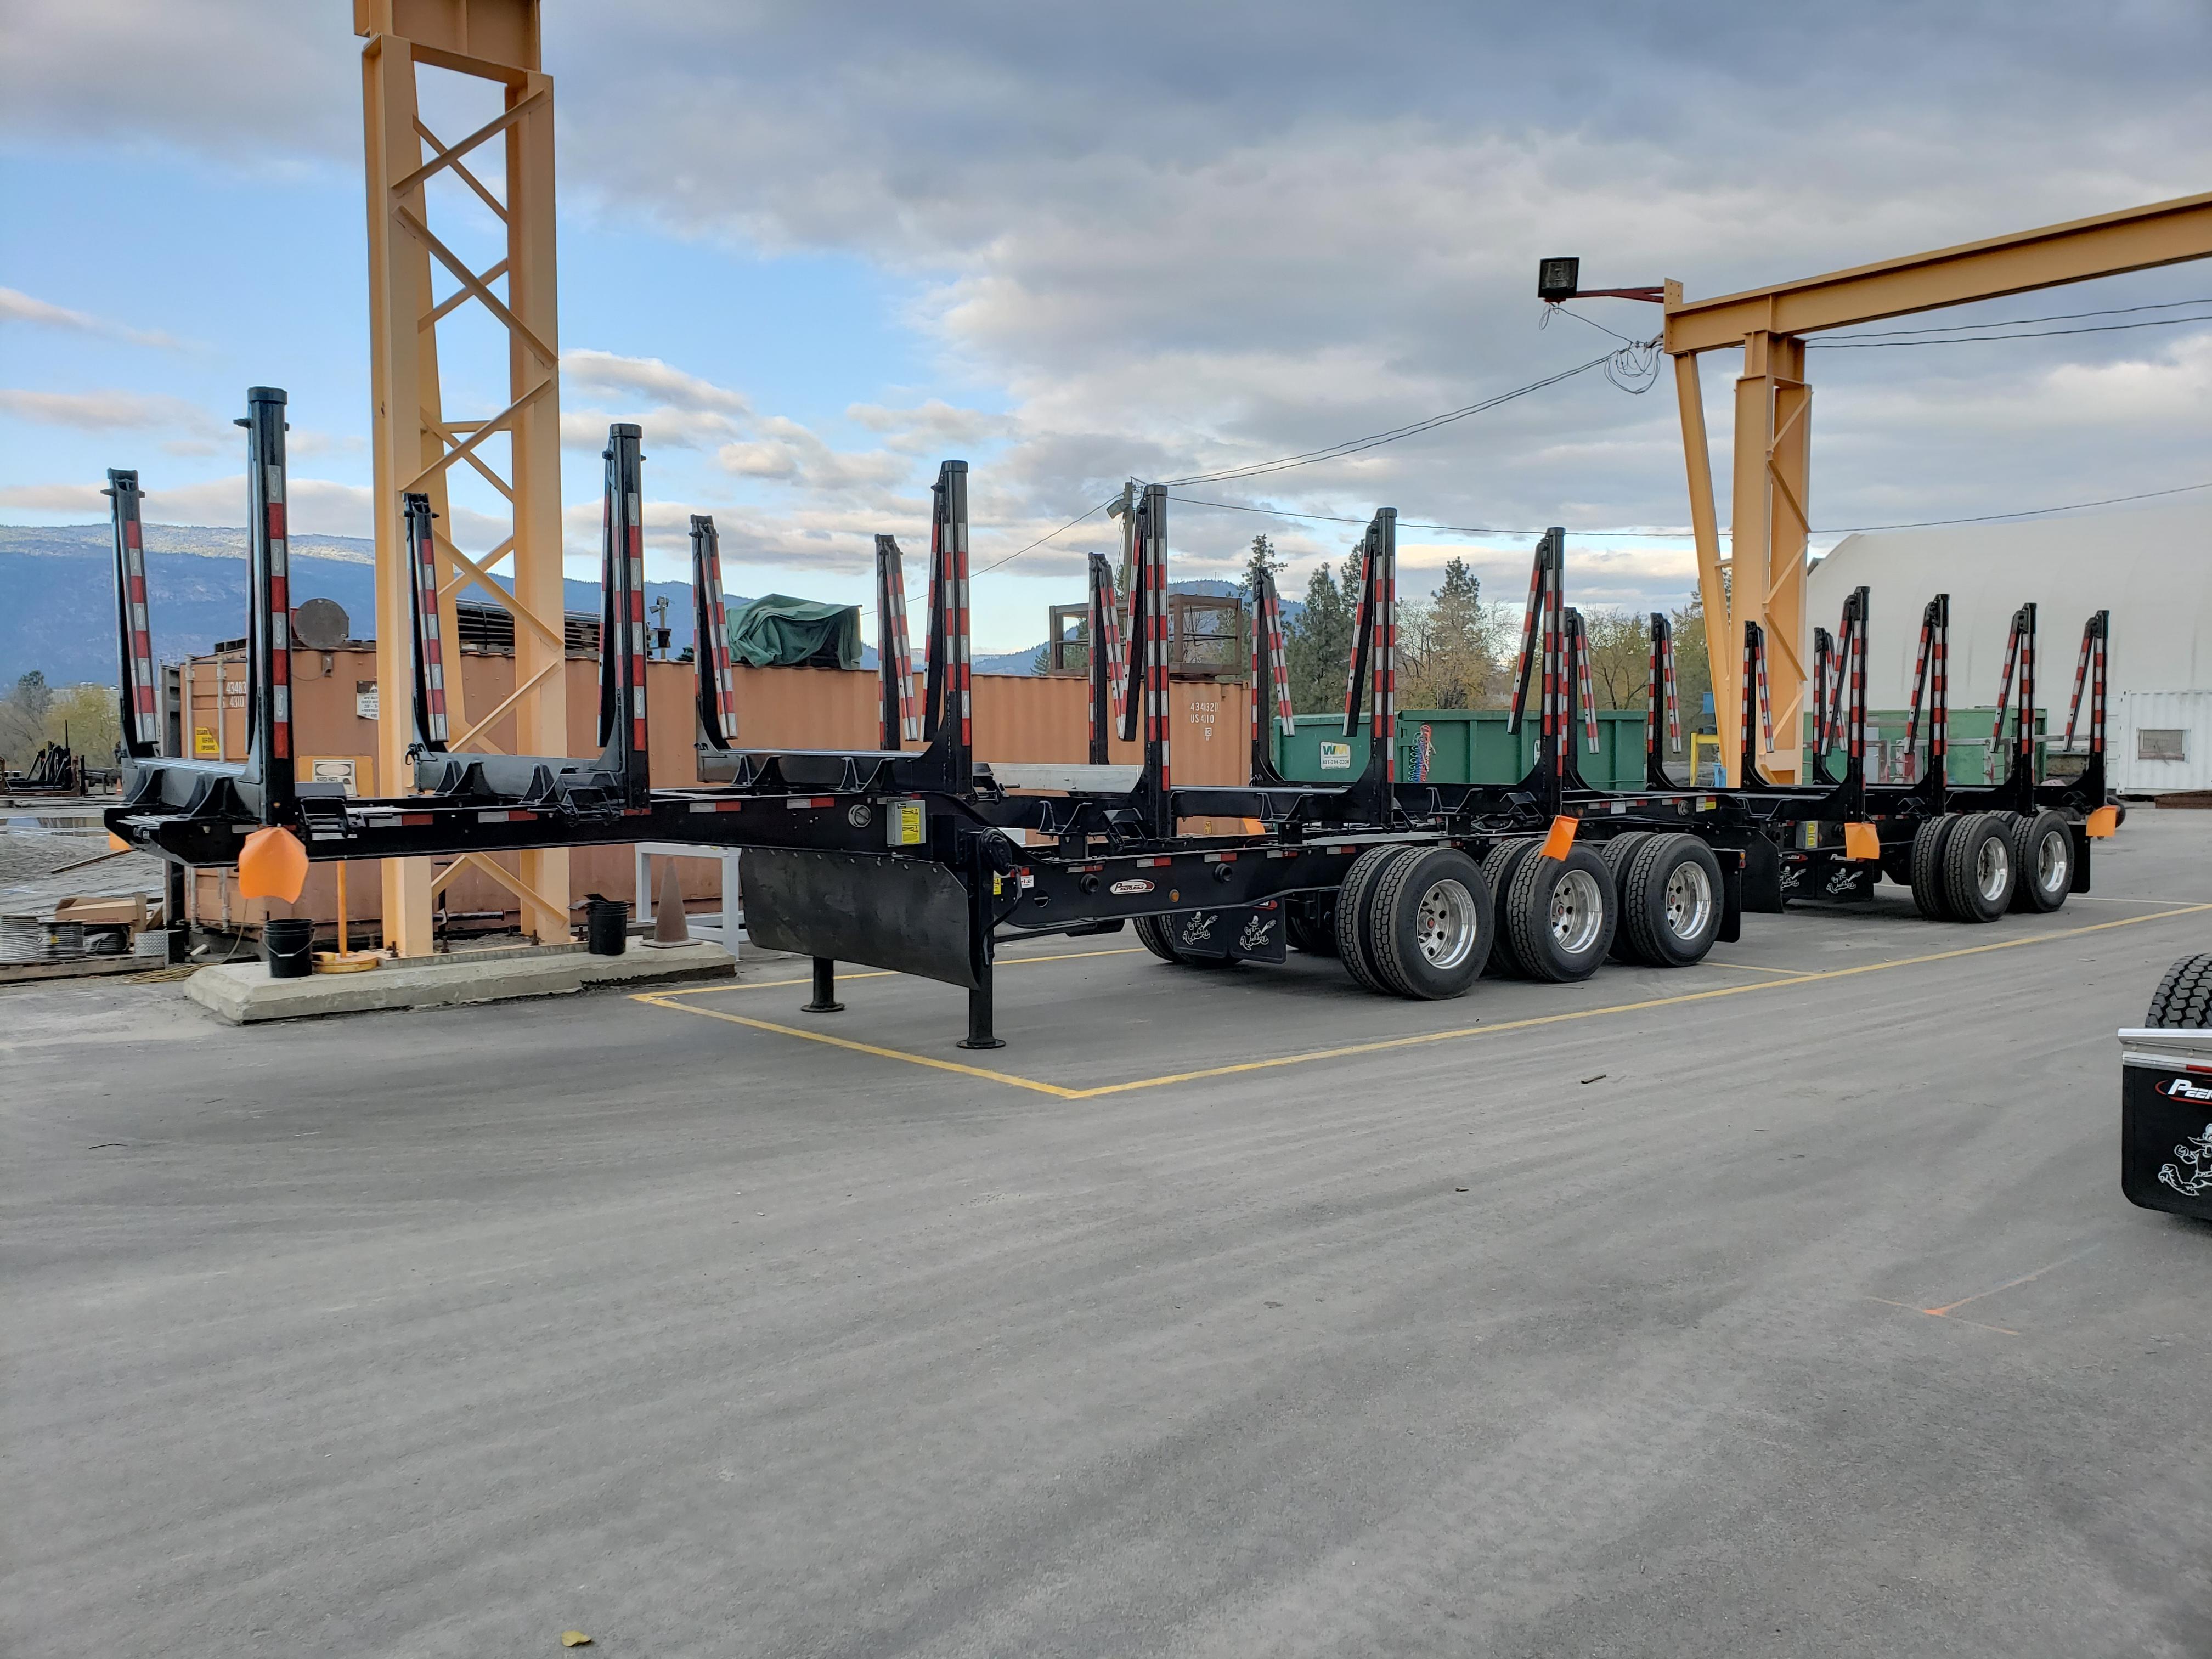 Alberta Wide Super B-Train Shortwood Images